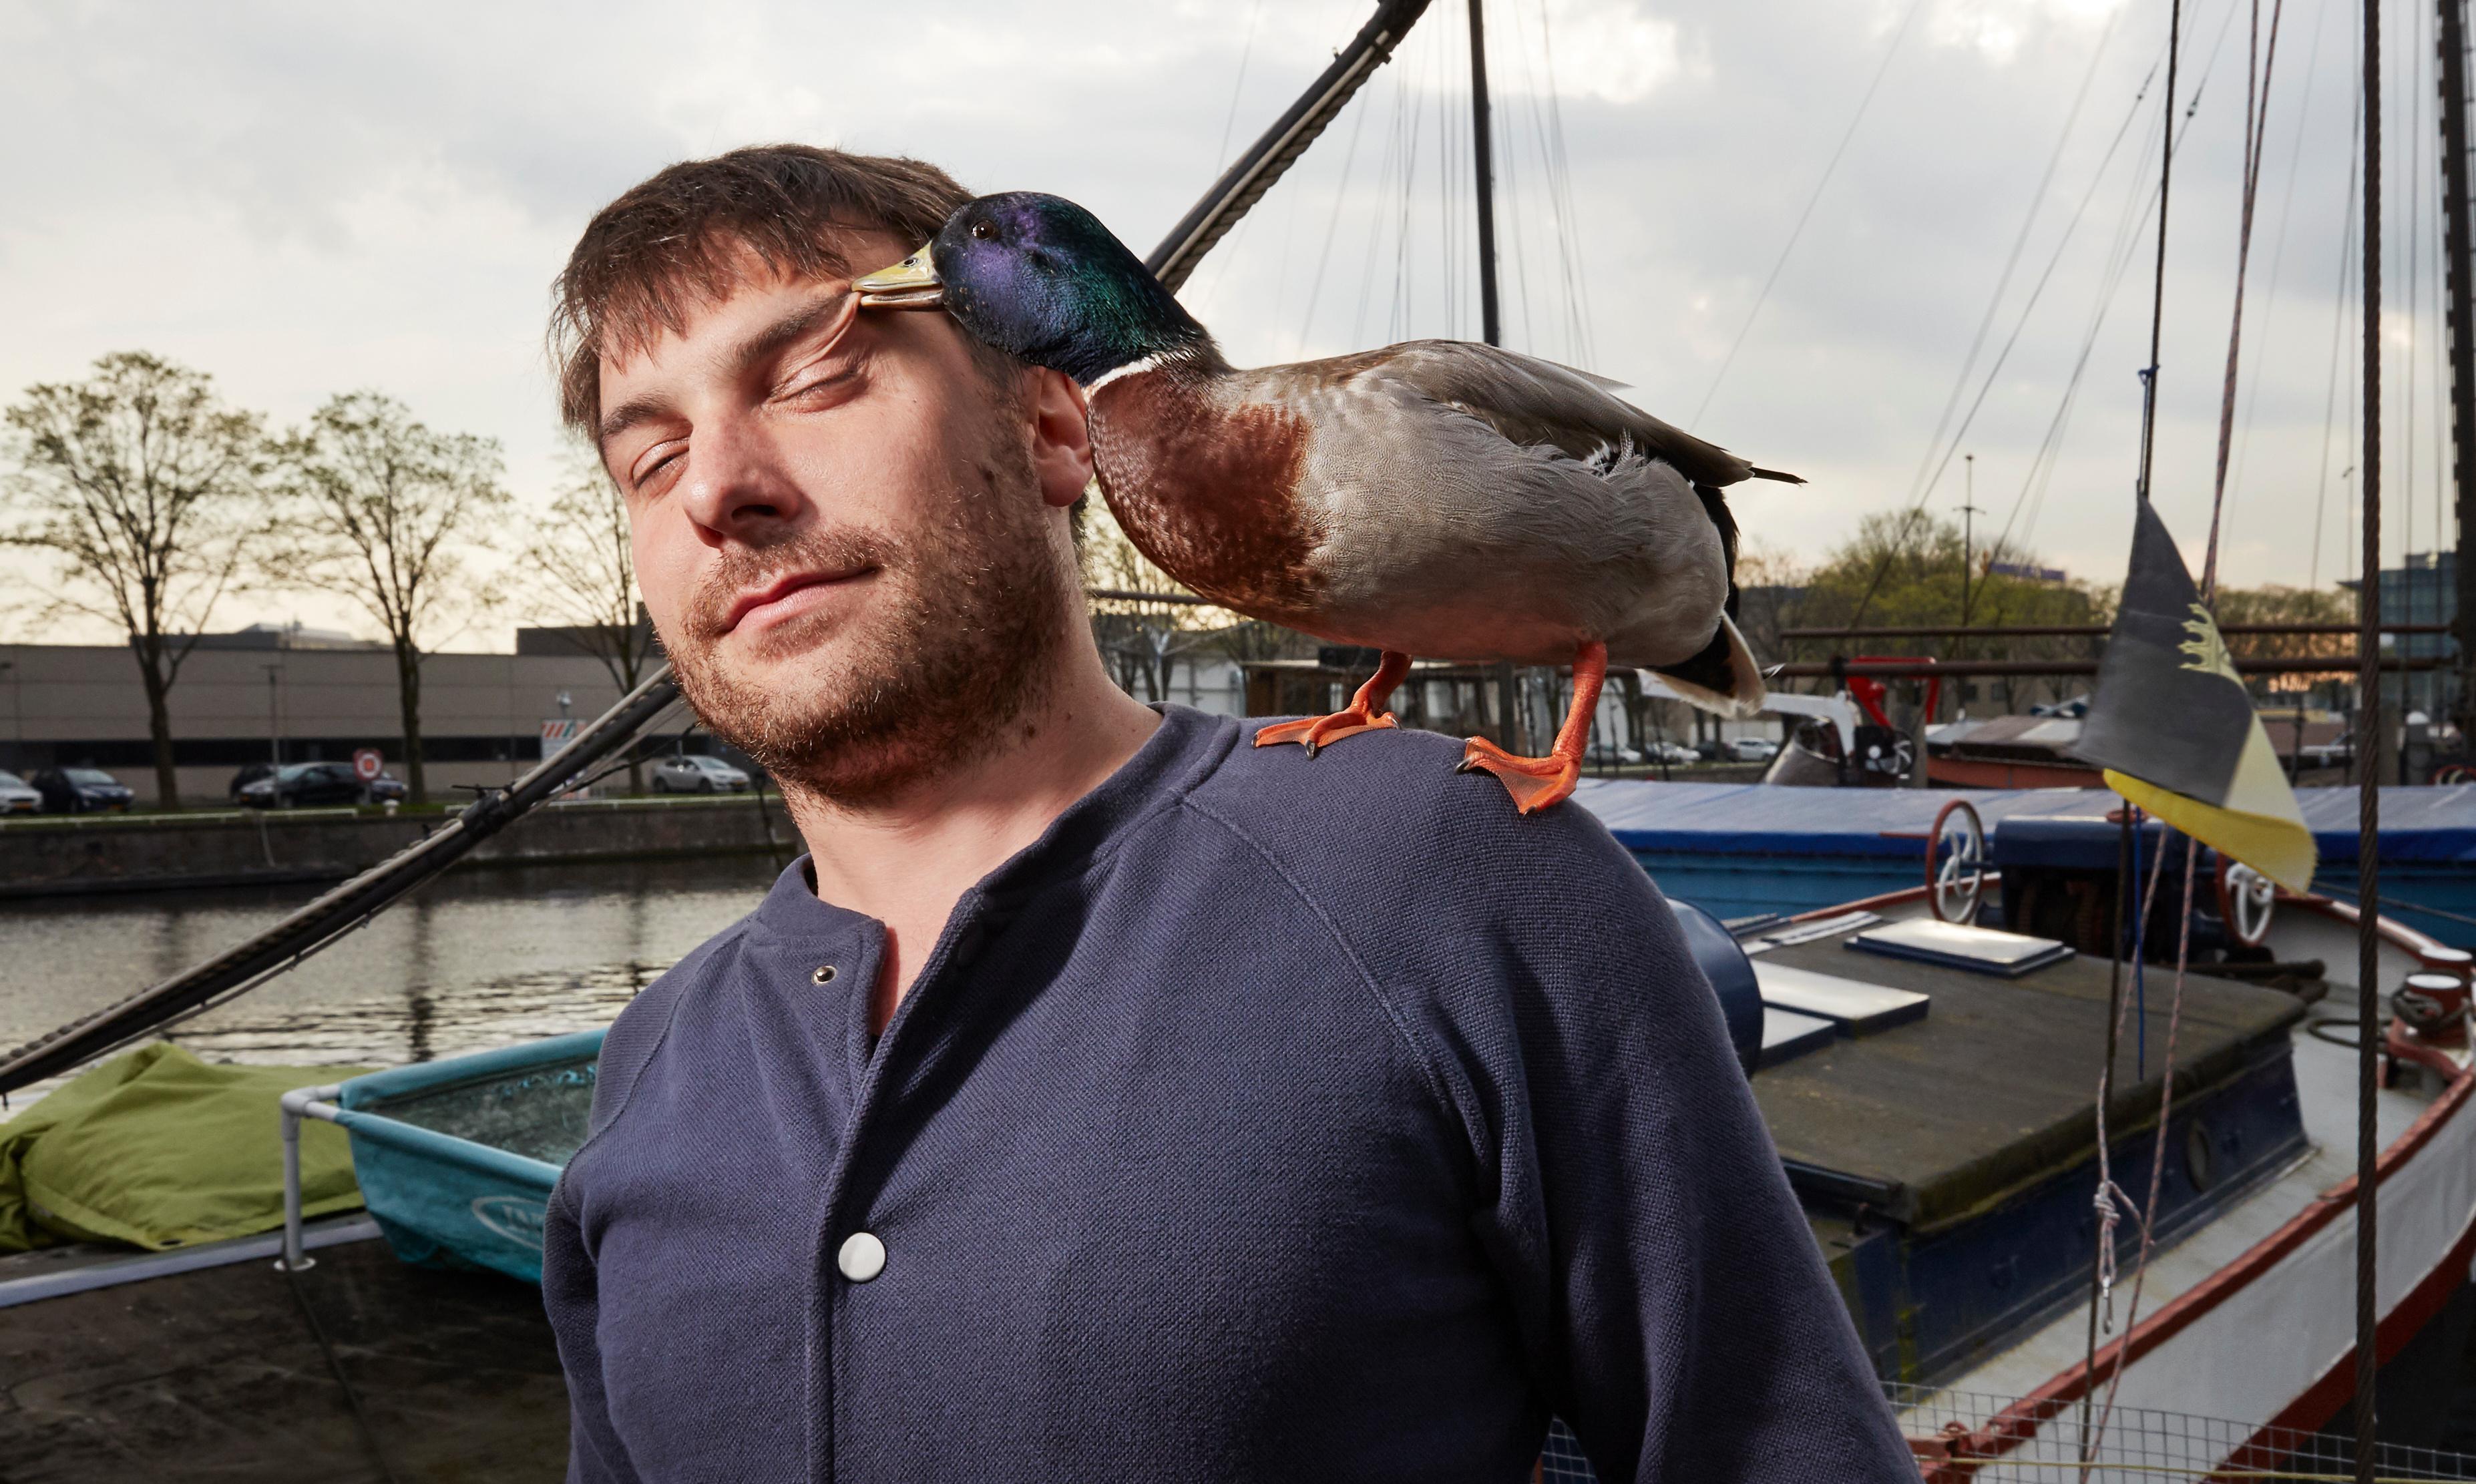 Meet Amsterdam's official pet photographer